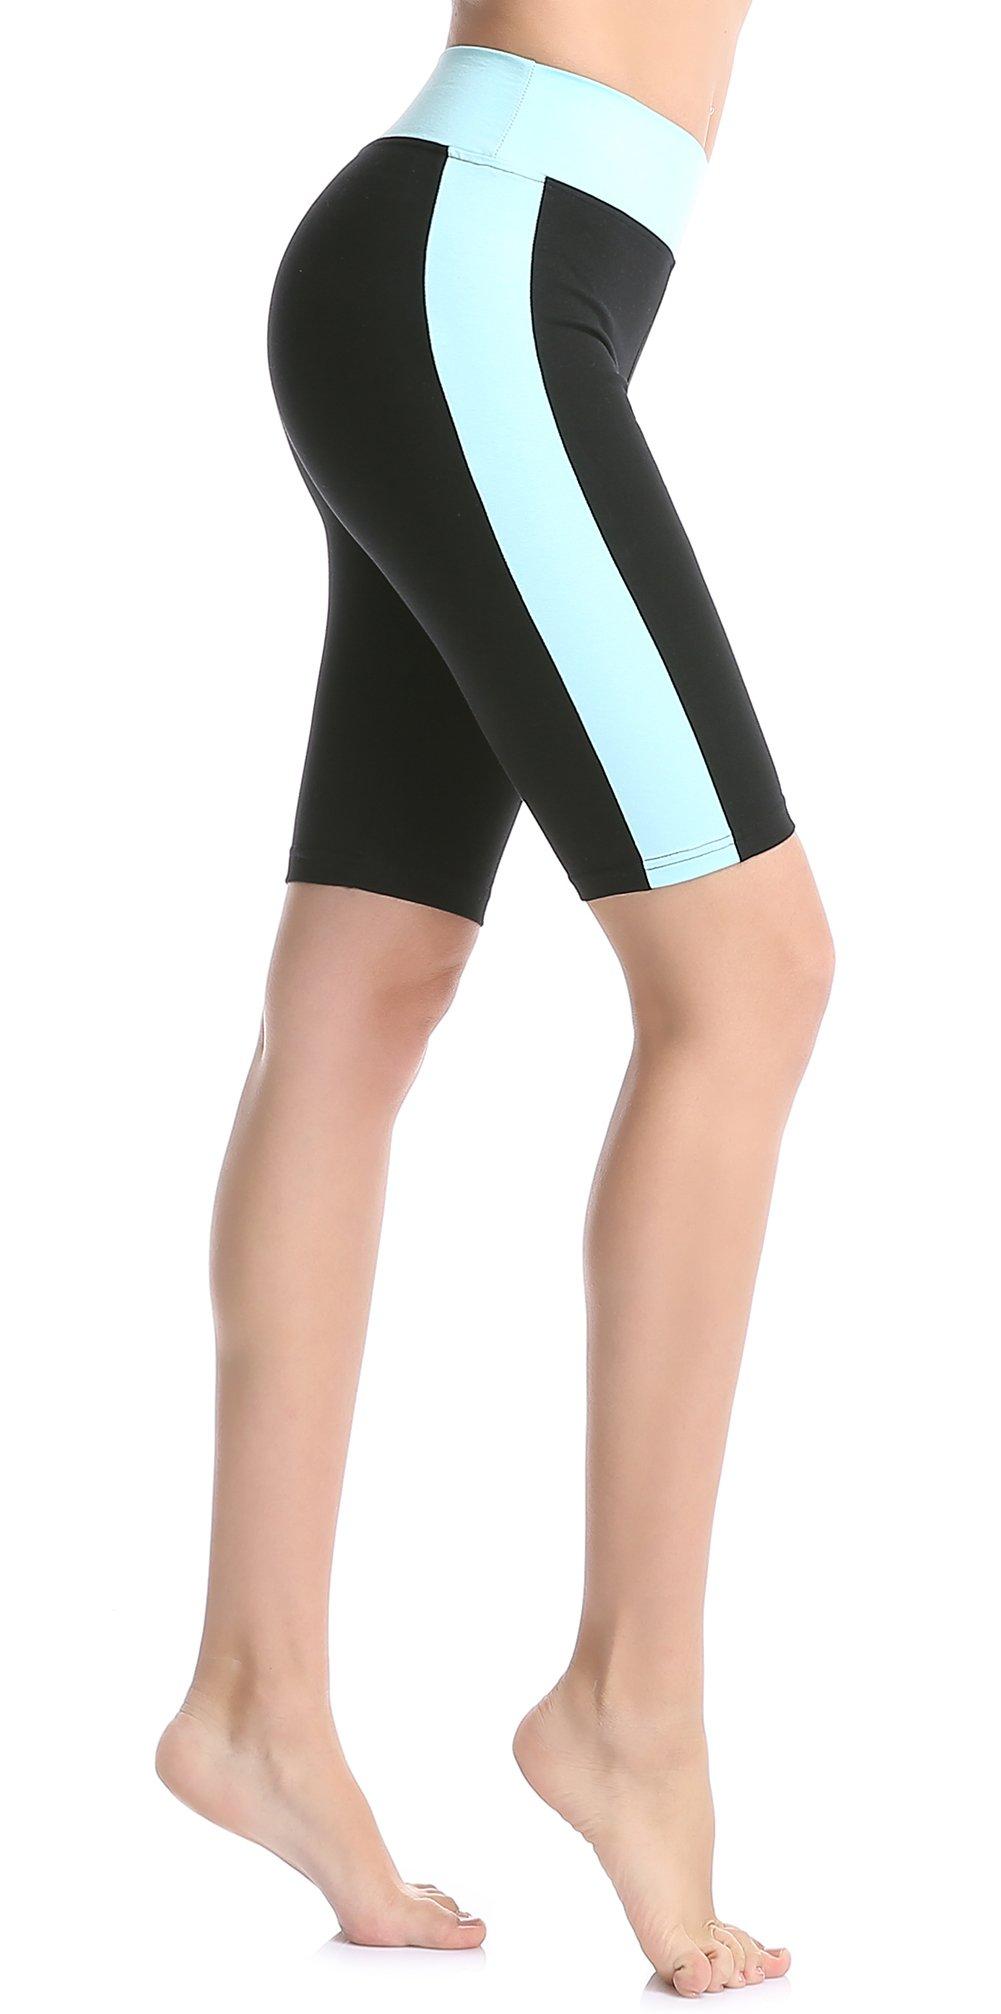 ABUSA Women's Cotton Workout Bike Yoga Shorts - Tummy Control S Sky Blue by ABUSA